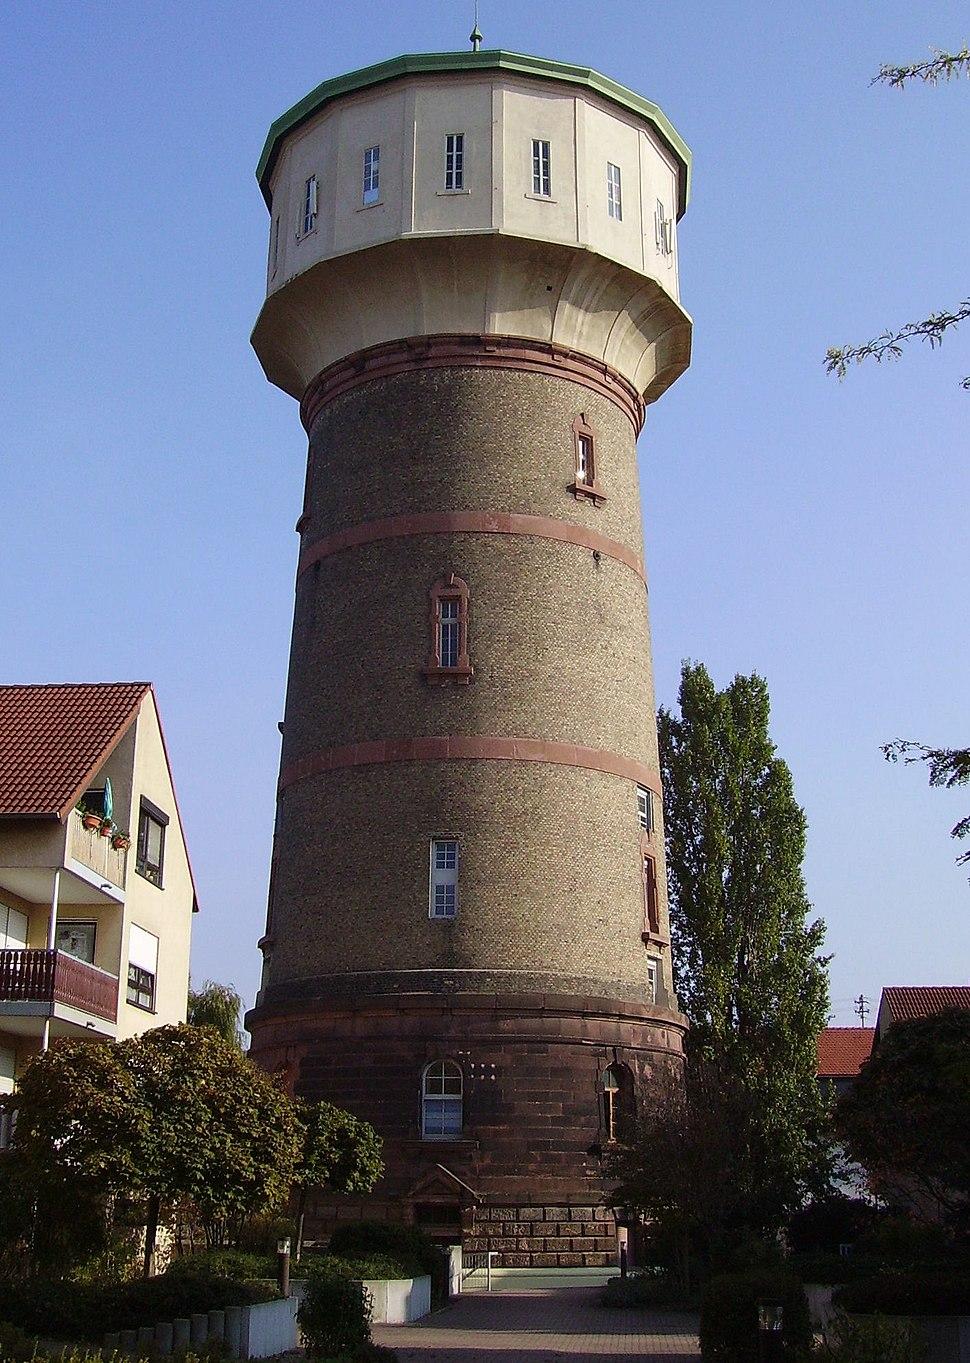 Ludwigshafen-Edigheim Wasserturm Norden.jpg